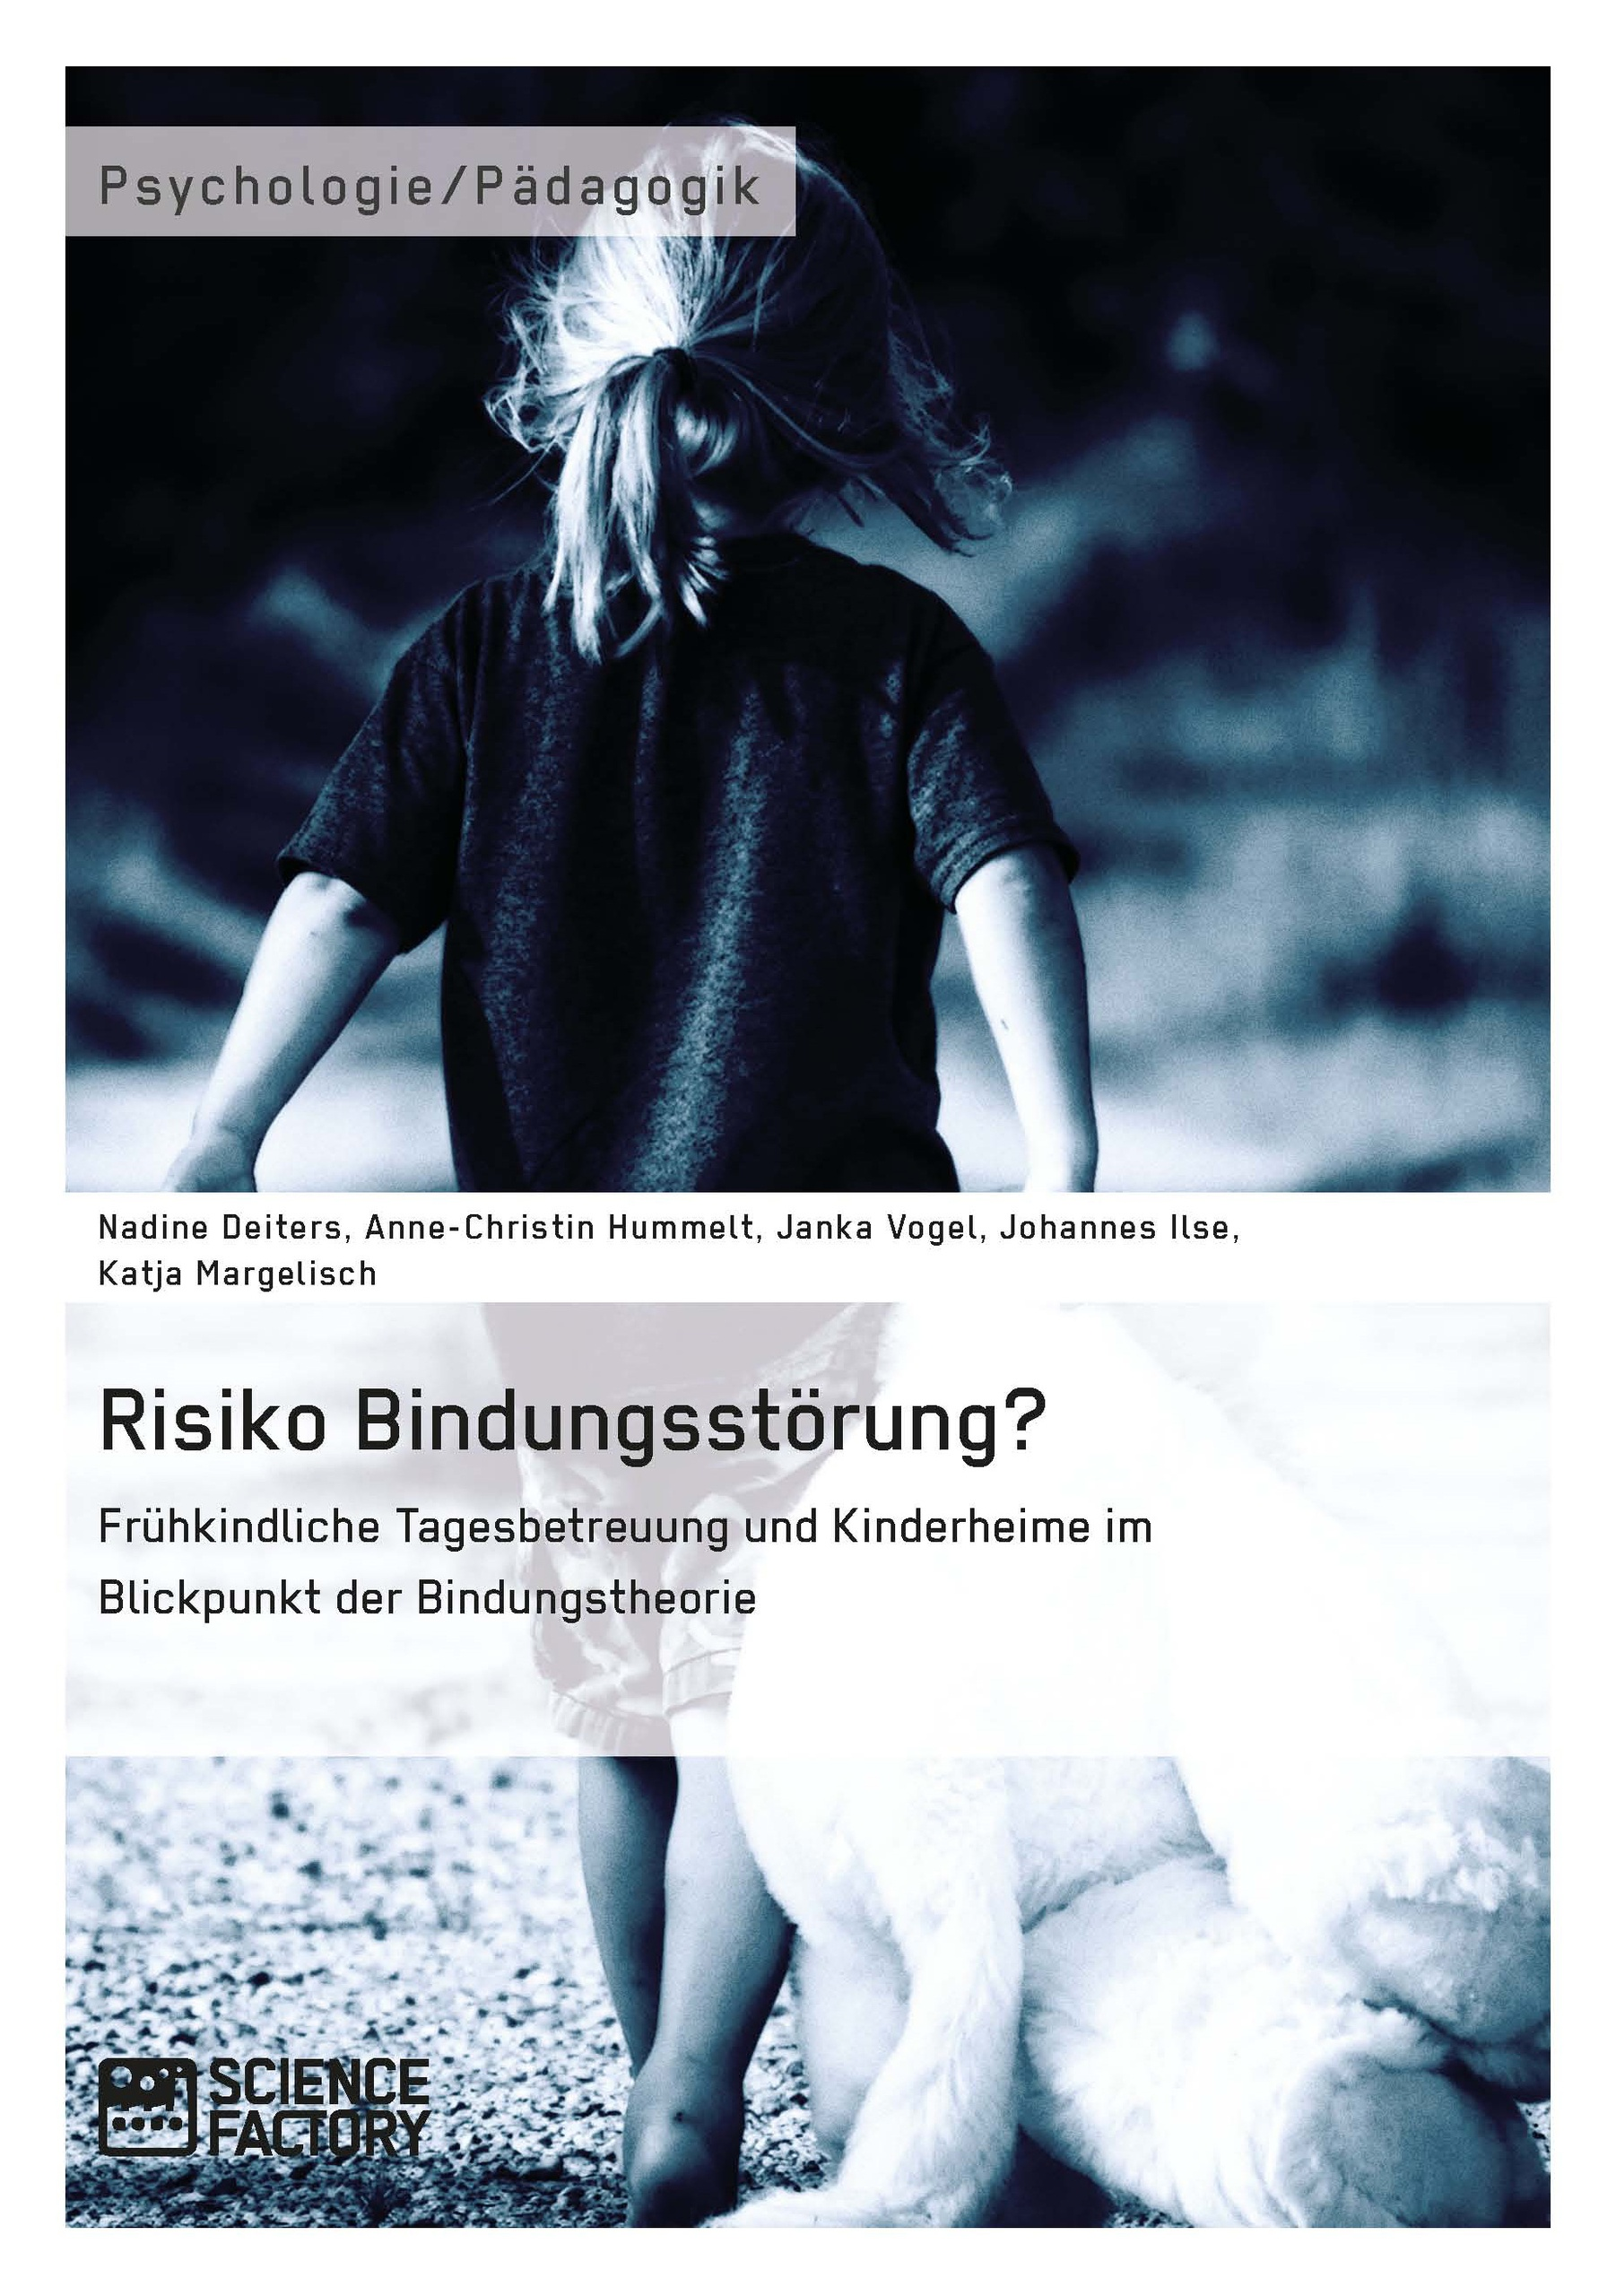 Titel: Risiko Bindungsstörung? Frühkindliche Tagesbetreuung und Kinderheime im Blickpunkt der Bindungstheorie